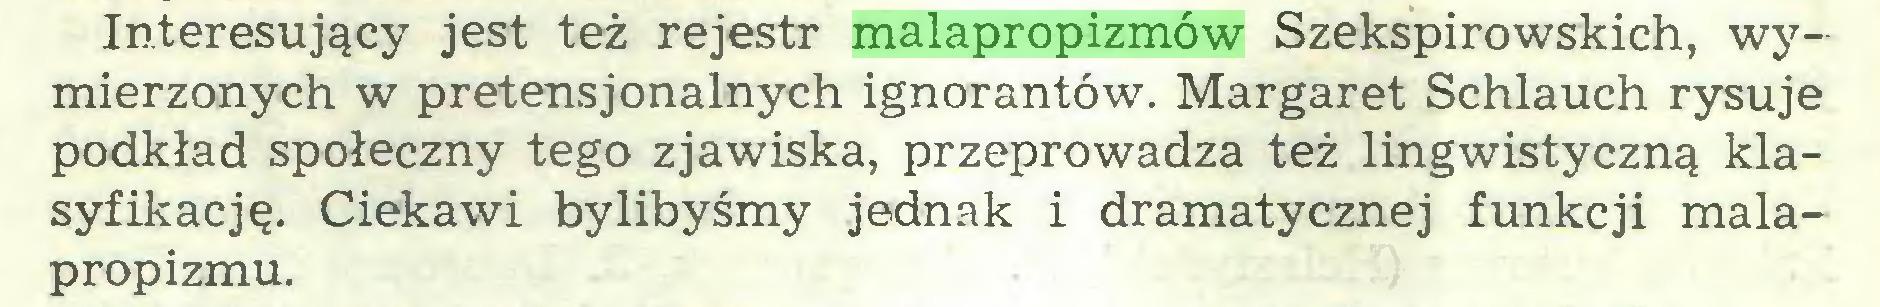 (...) Interesujący jest też rejestr malapropizmów Szekspirowskich, wymierzonych w pretensjonalnych ignorantów. Margaret Schlauch rysuje podkład społeczny tego zjawiska, przeprowadza też lingwistyczną klasyfikację. Ciekawi bylibyśmy jednak i dramatycznej funkcji malapropizmu...